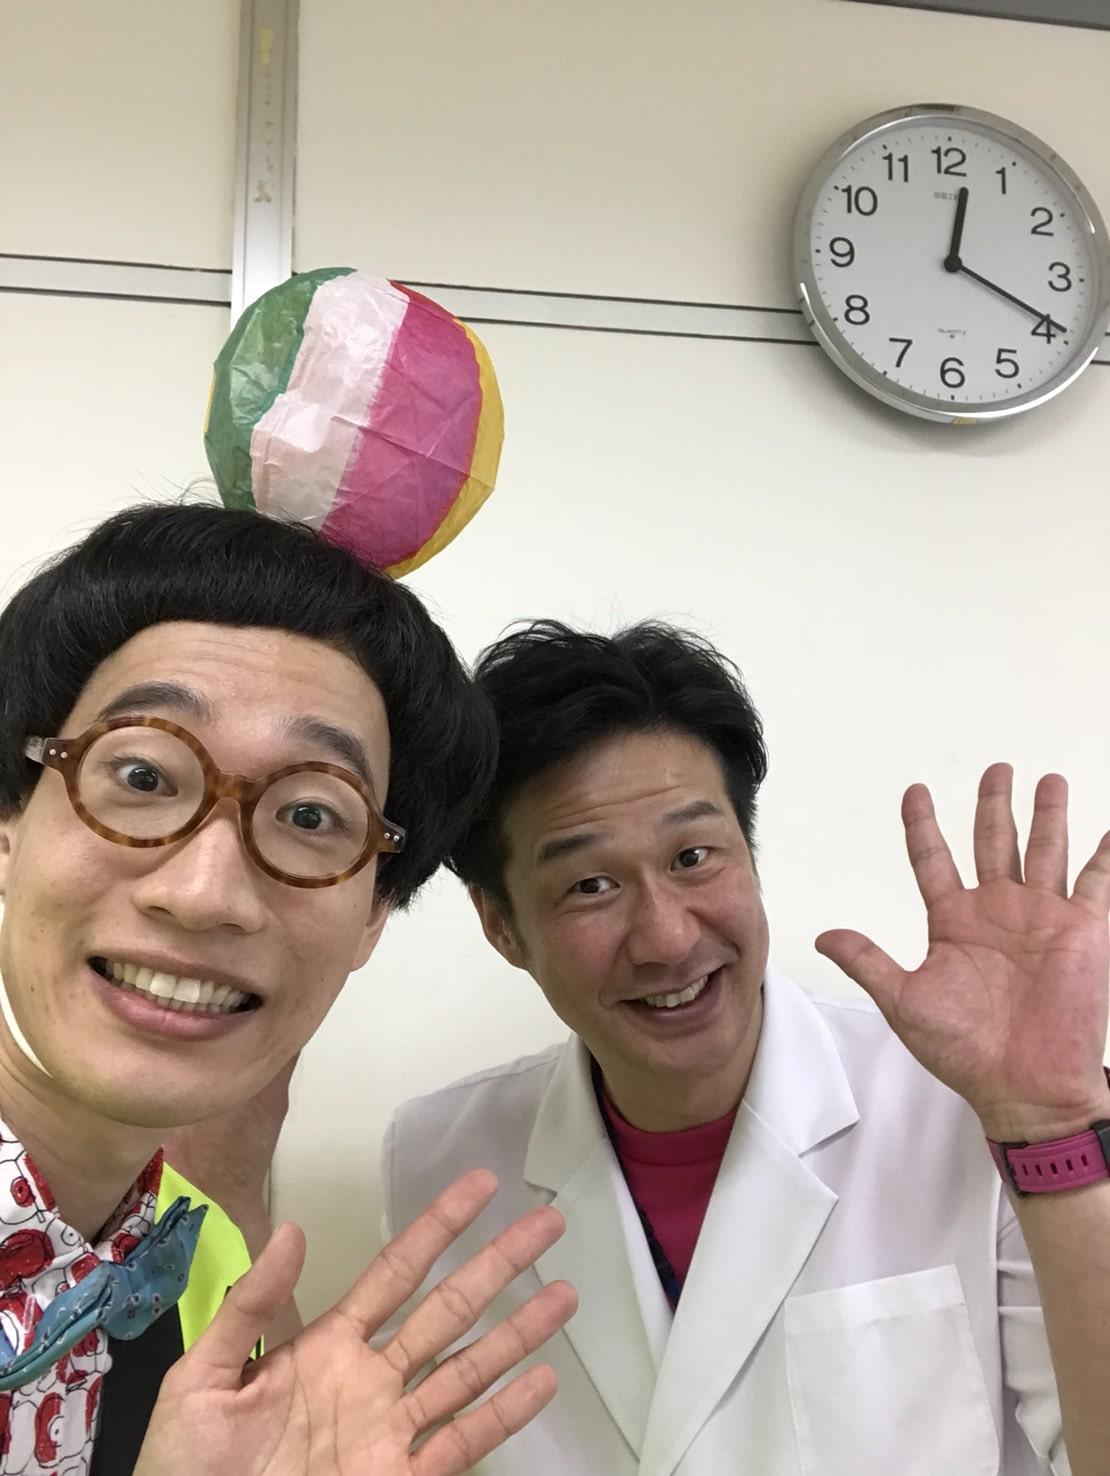 NHK「天才てれびくんYOU」で実技指導等協力